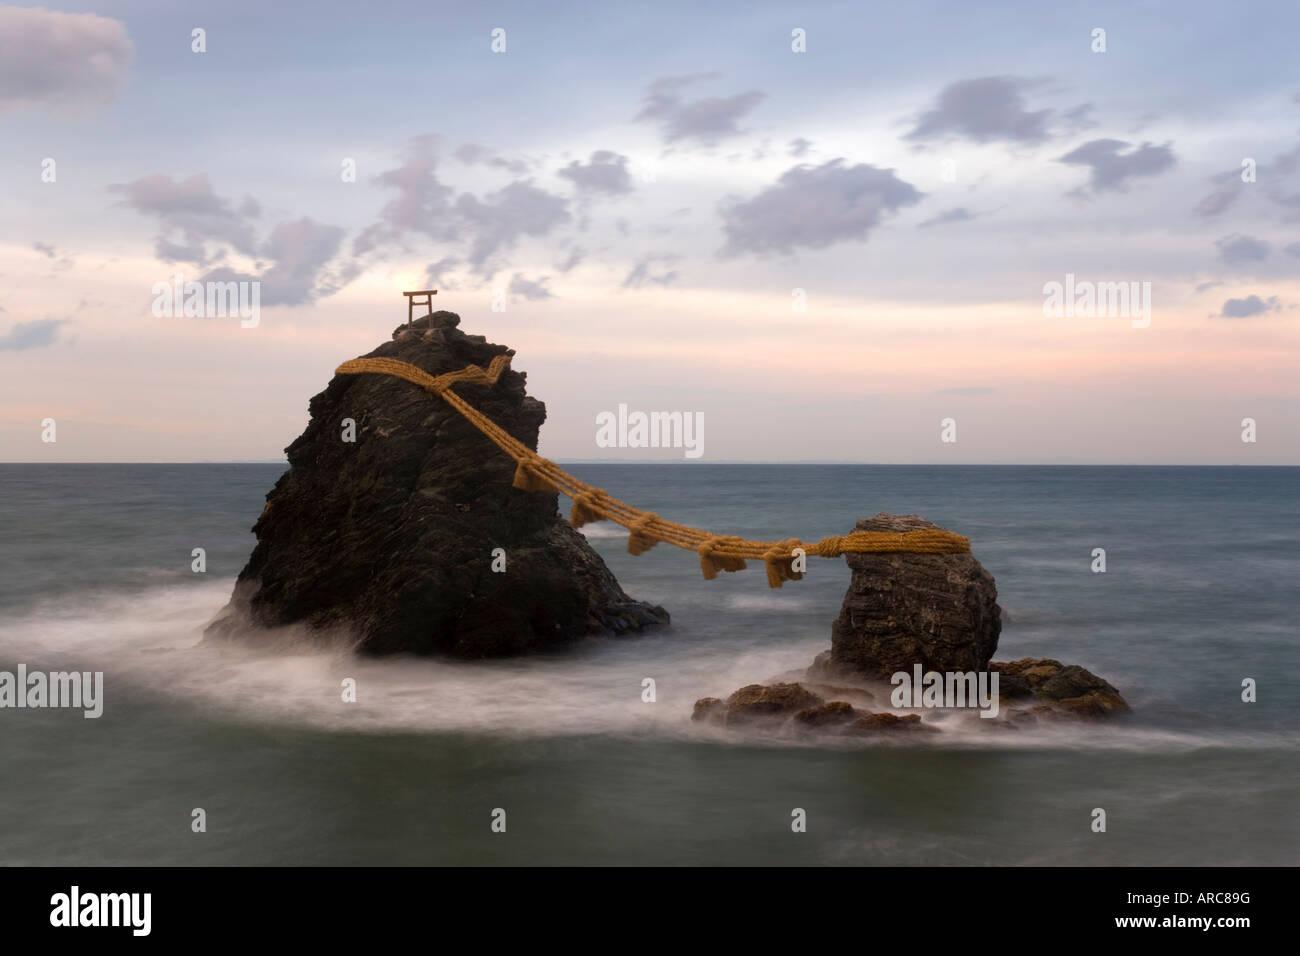 Meoto-Iwa (Wedded Rocks), Futami, Ise-Shima, Chubu, Central Honshu, Japan - Stock Image